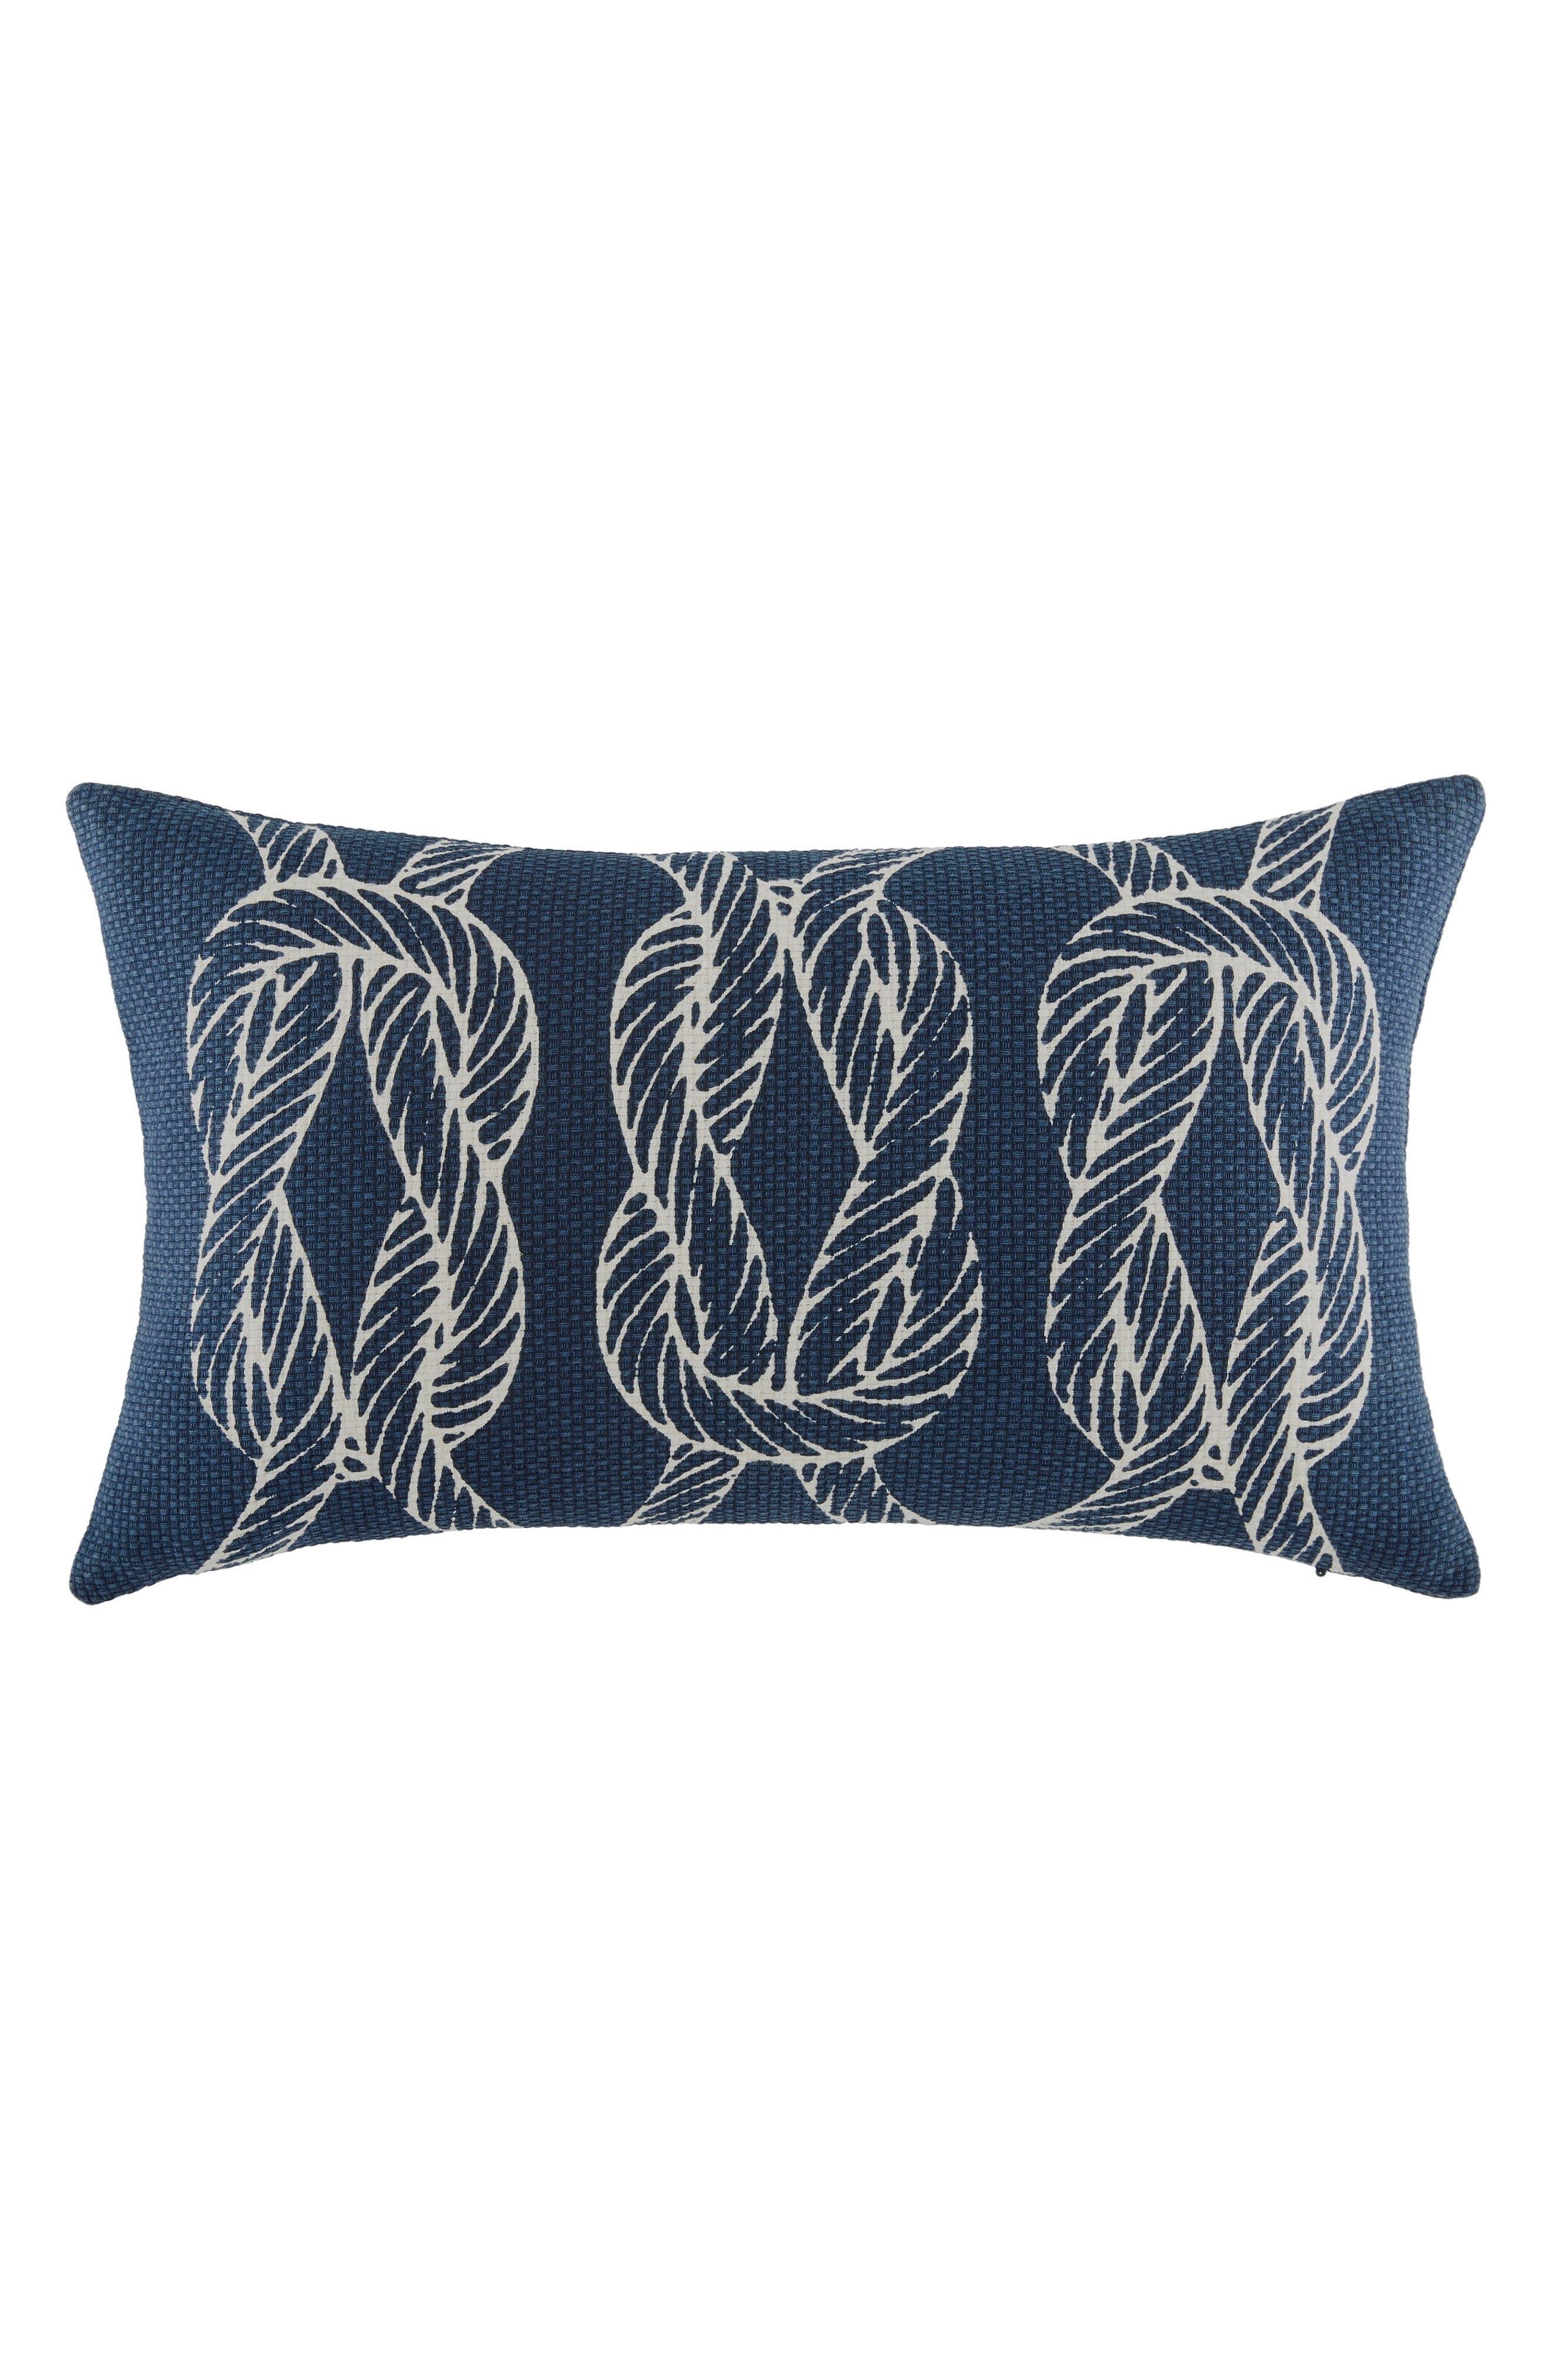 Robinson Knots Pillow,                             Main thumbnail 1, color,                             Navy